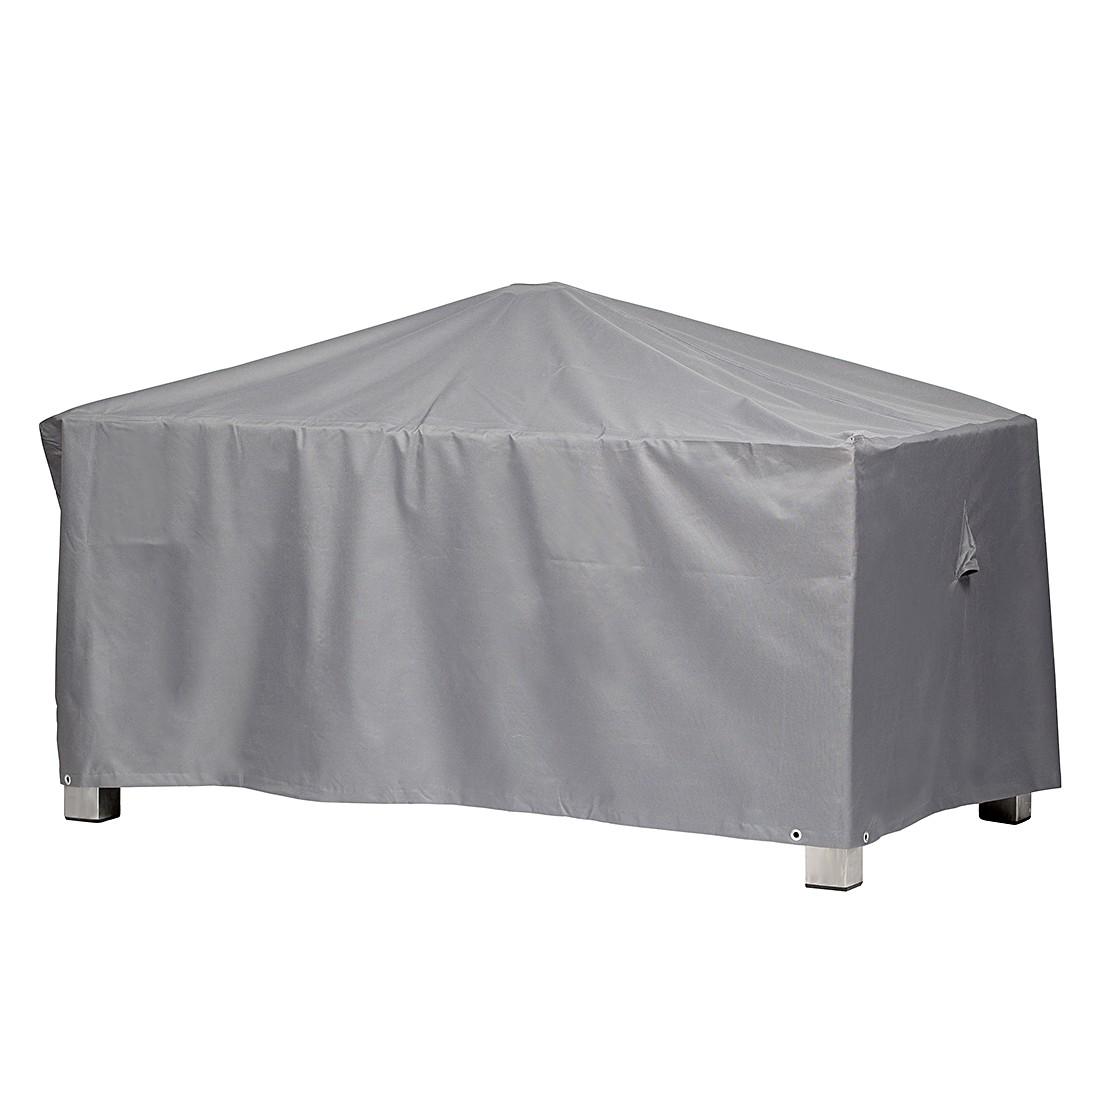 Schutzhülle Premium für rechteckigen Gartentisch (155 x 95 cm) – Polyester, mehr Garten jetzt kaufen